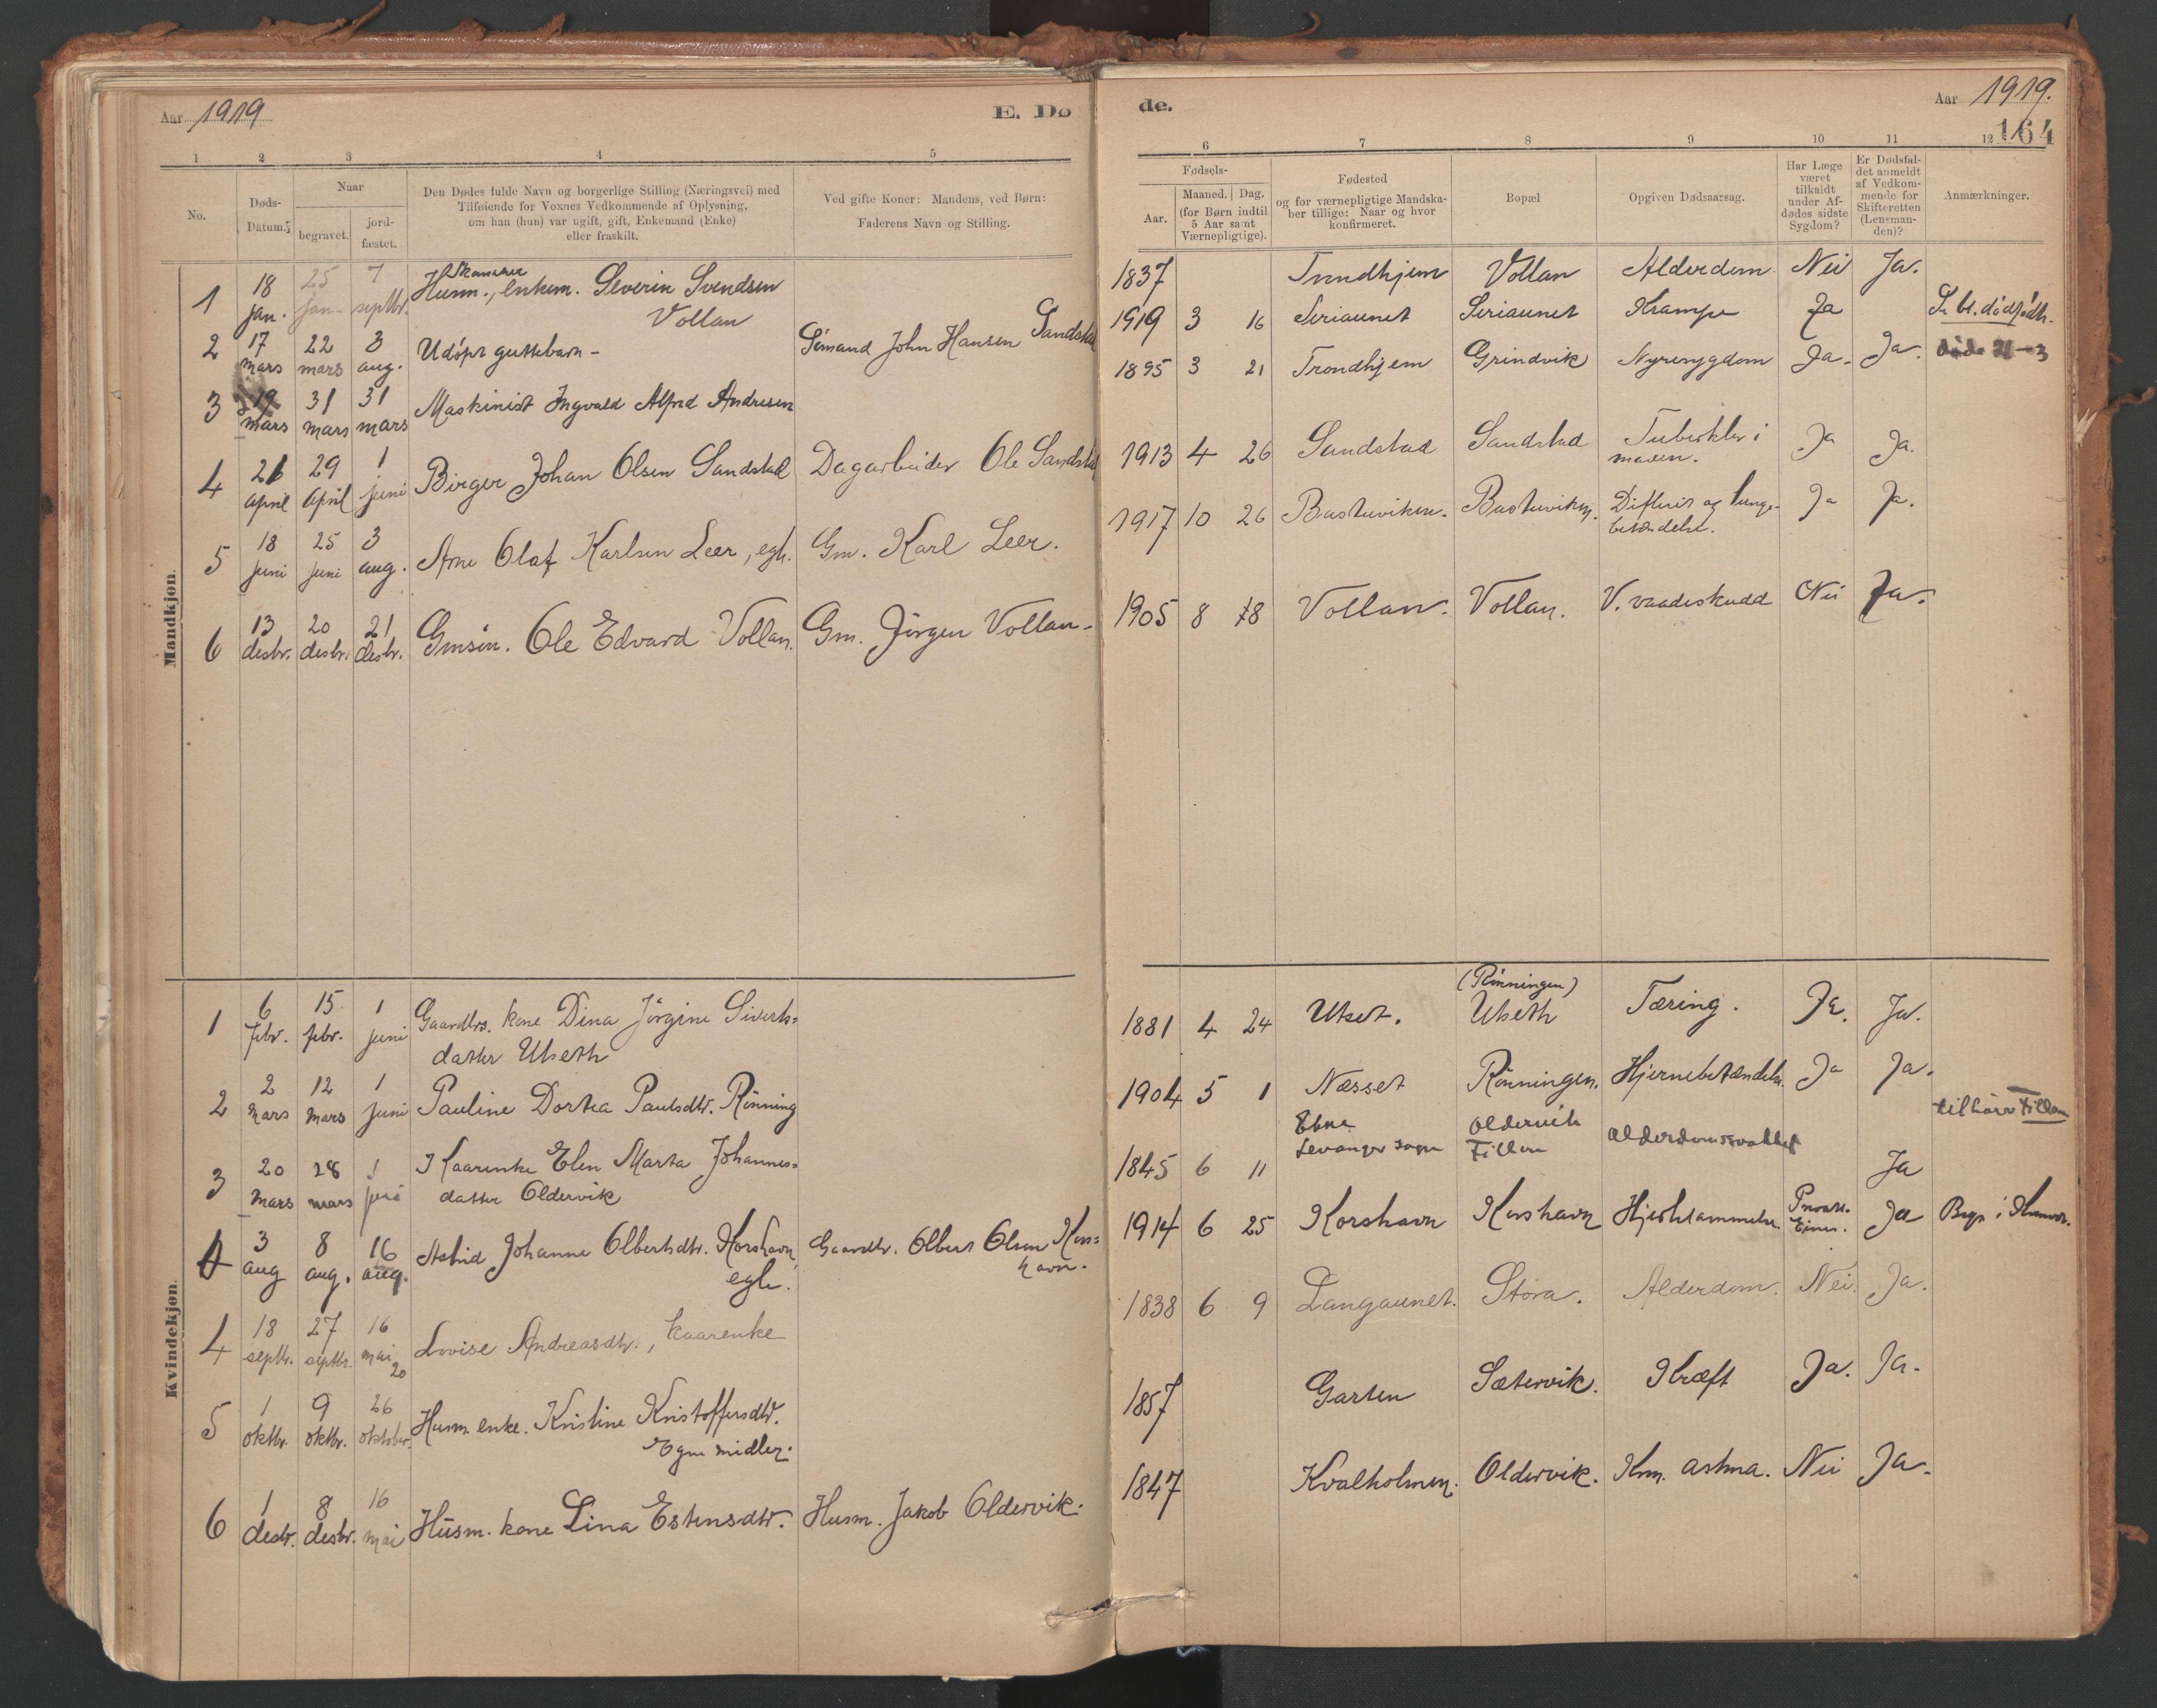 SAT, Ministerialprotokoller, klokkerbøker og fødselsregistre - Sør-Trøndelag, 639/L0572: Ministerialbok nr. 639A01, 1890-1920, s. 164